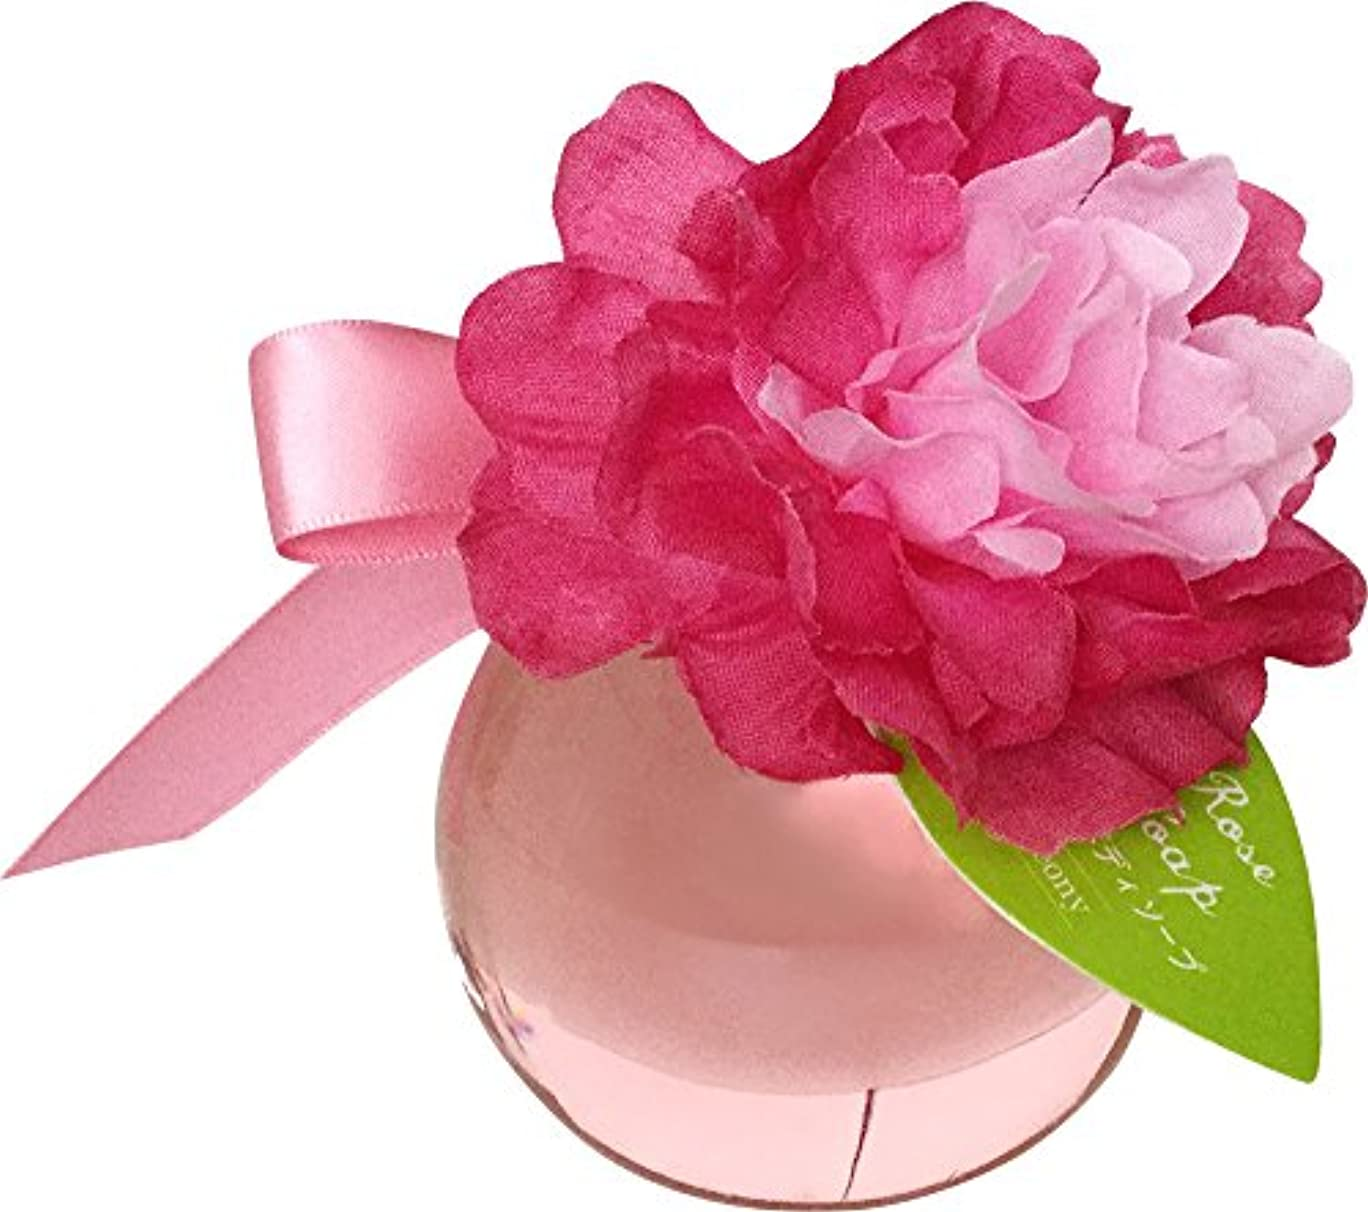 拮抗酸化する粘土チャーリー スイートローズバブルバス 入浴剤 2種 (ピンク(60318))